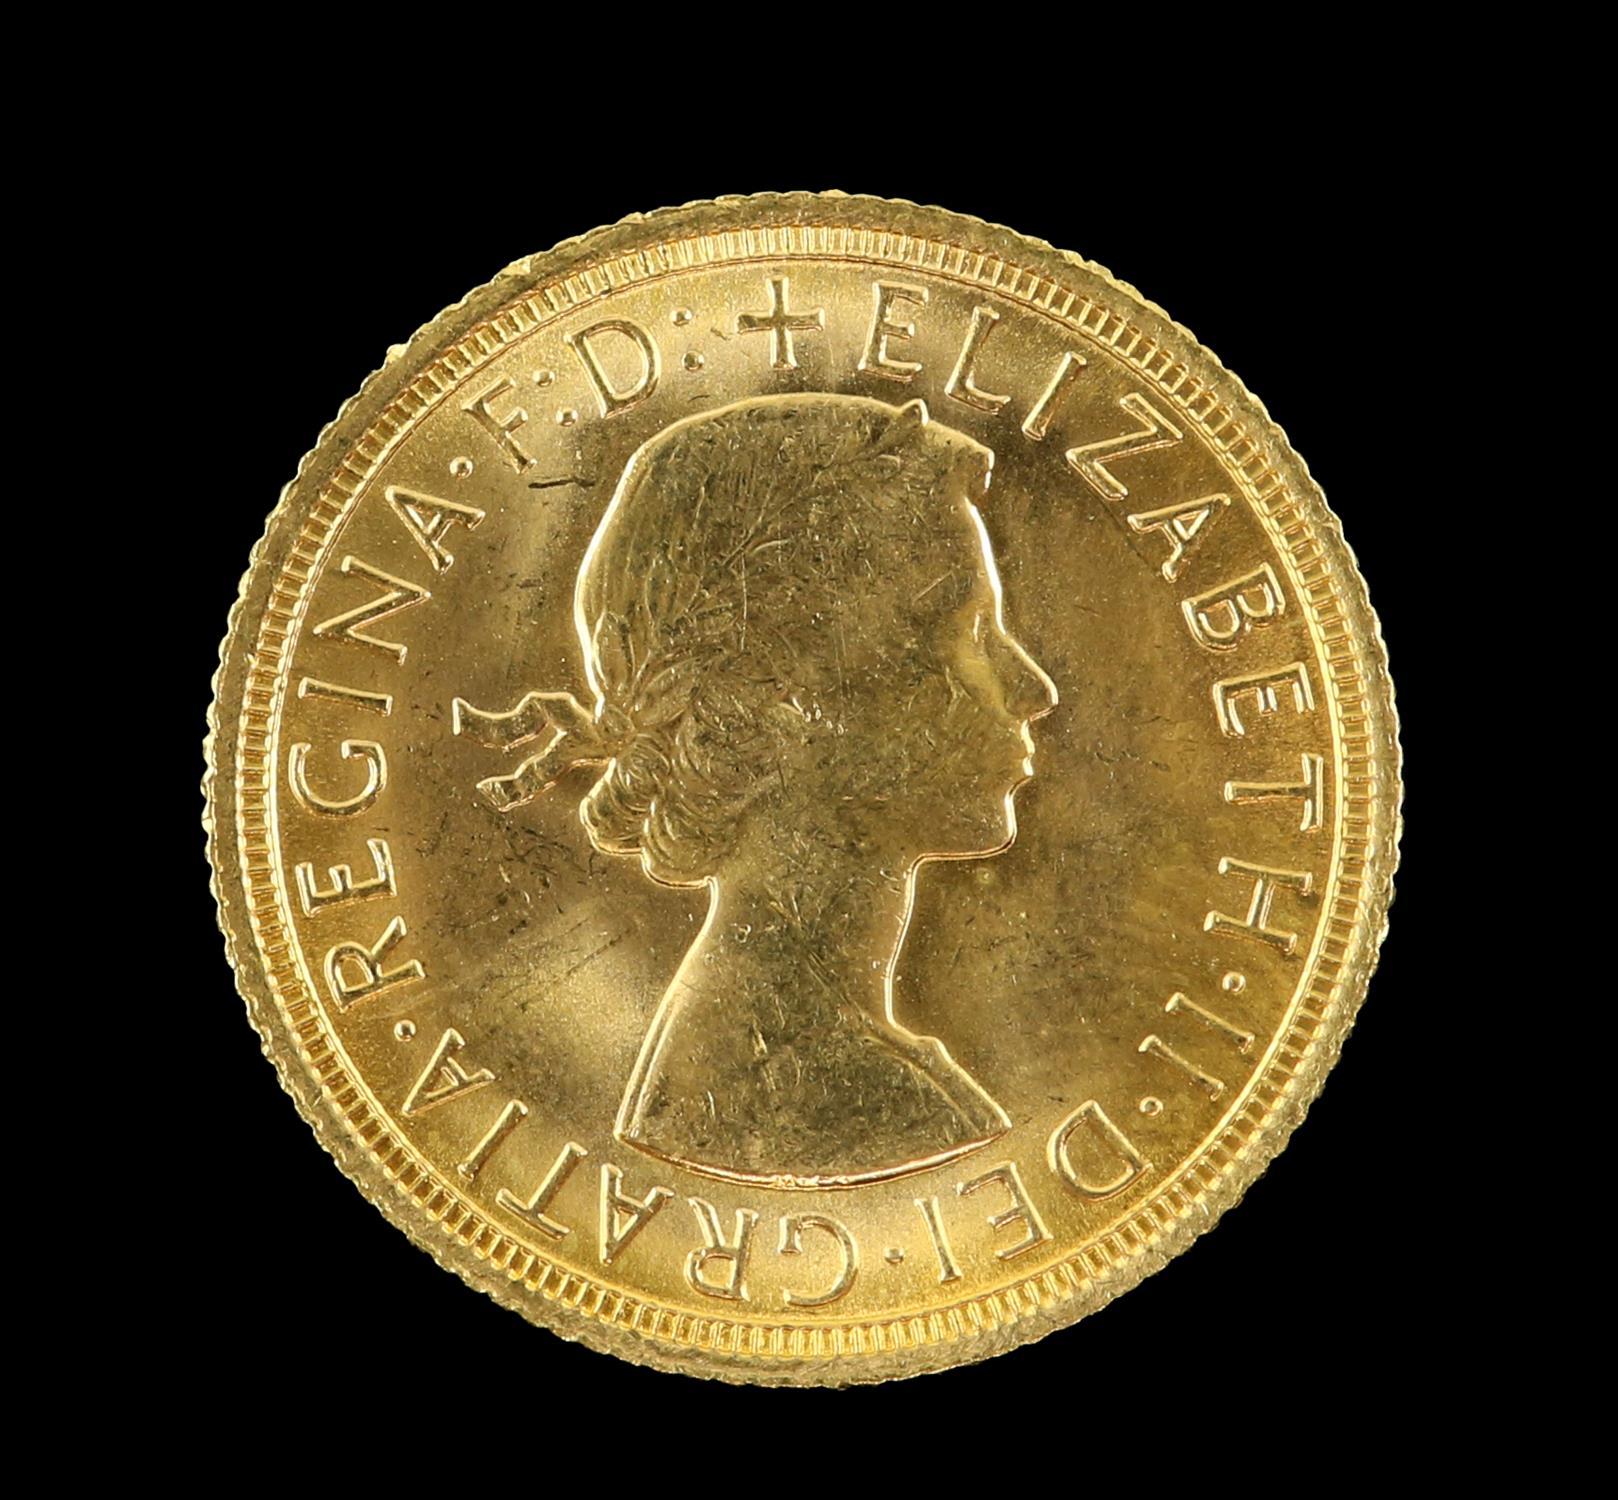 Elizabeth II gold sovereign 1967 - Image 2 of 2